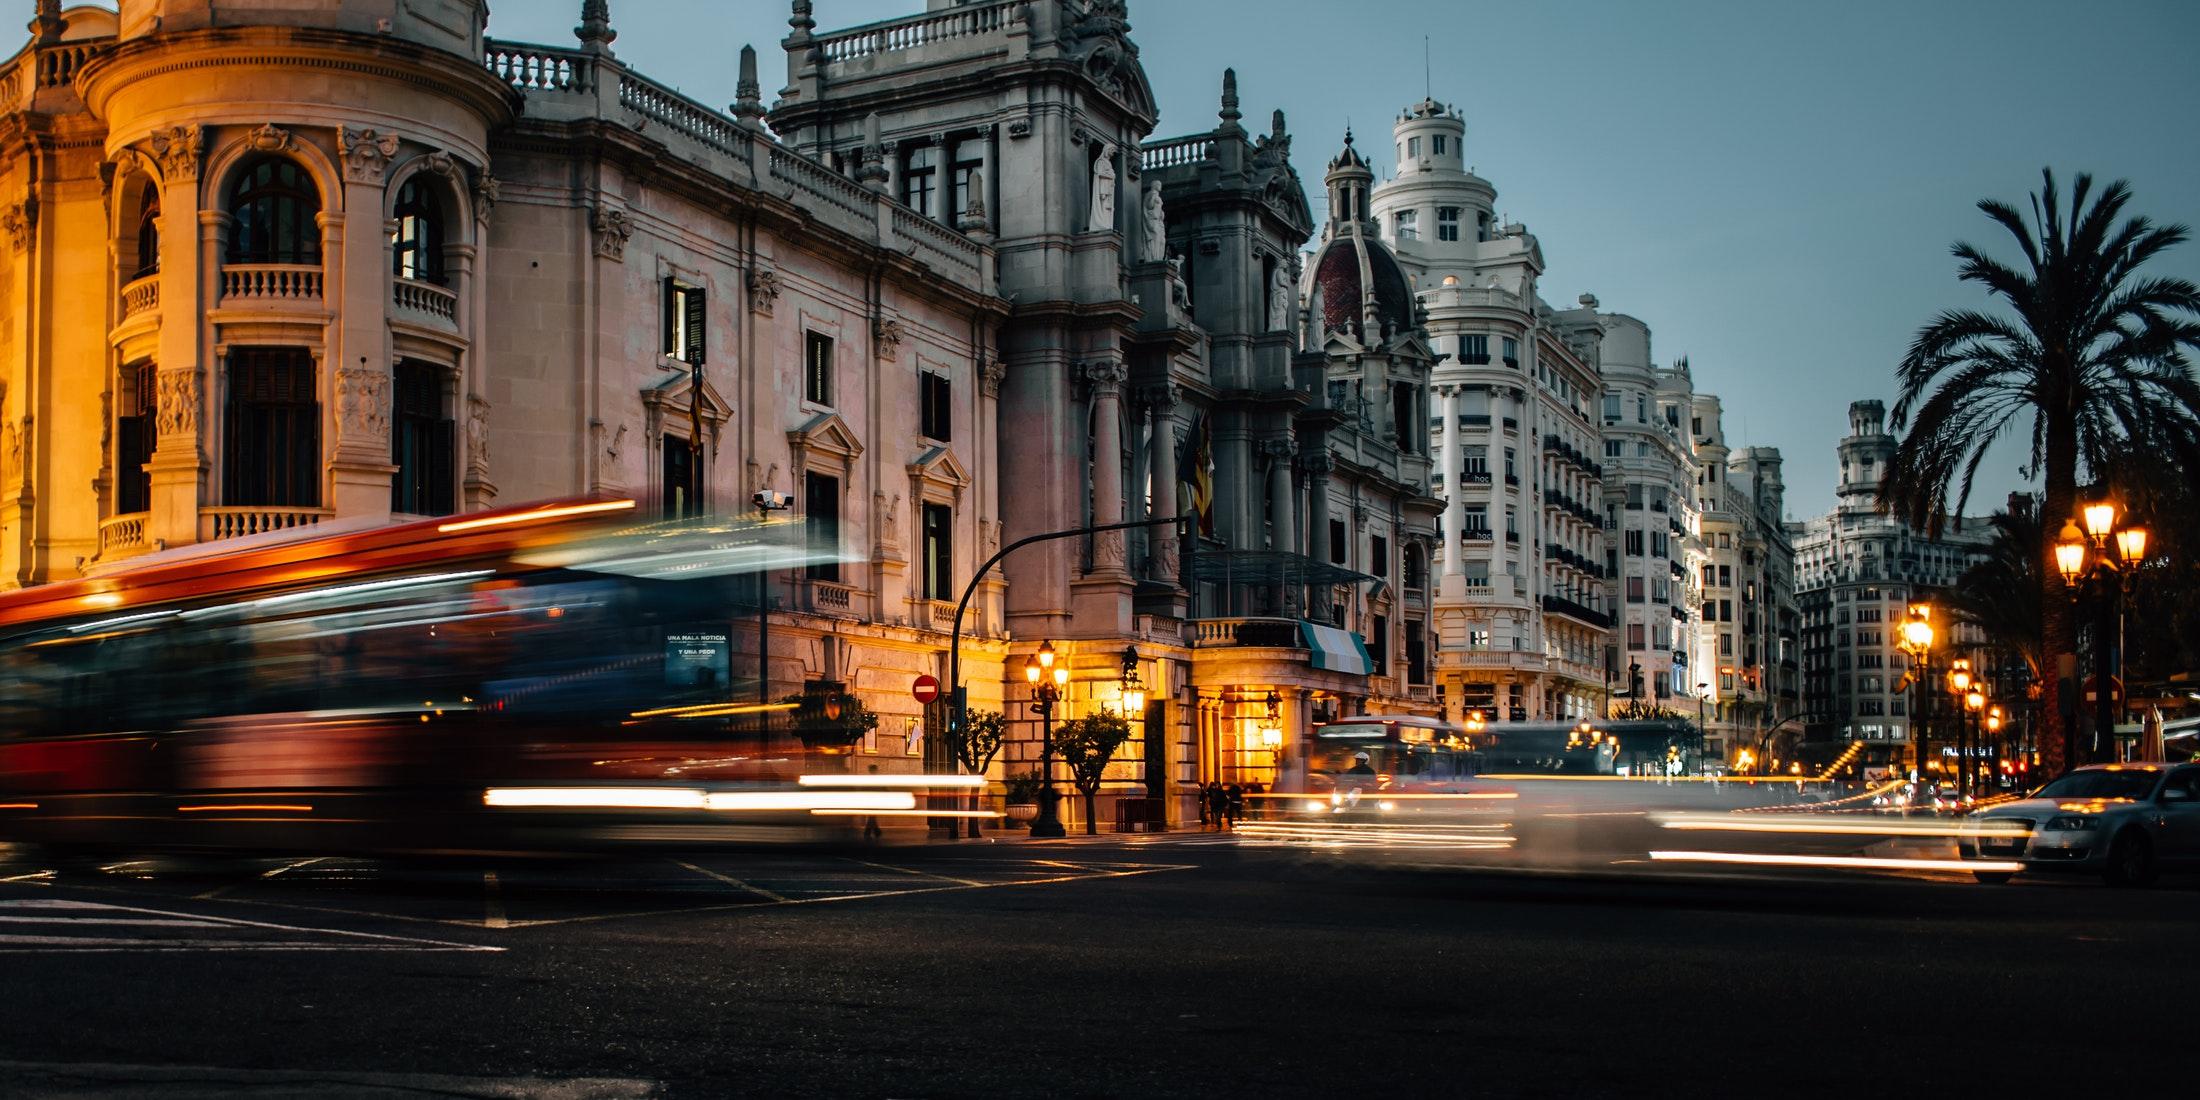 ¿A dónde debería ir para salir por la noche en Valencia?